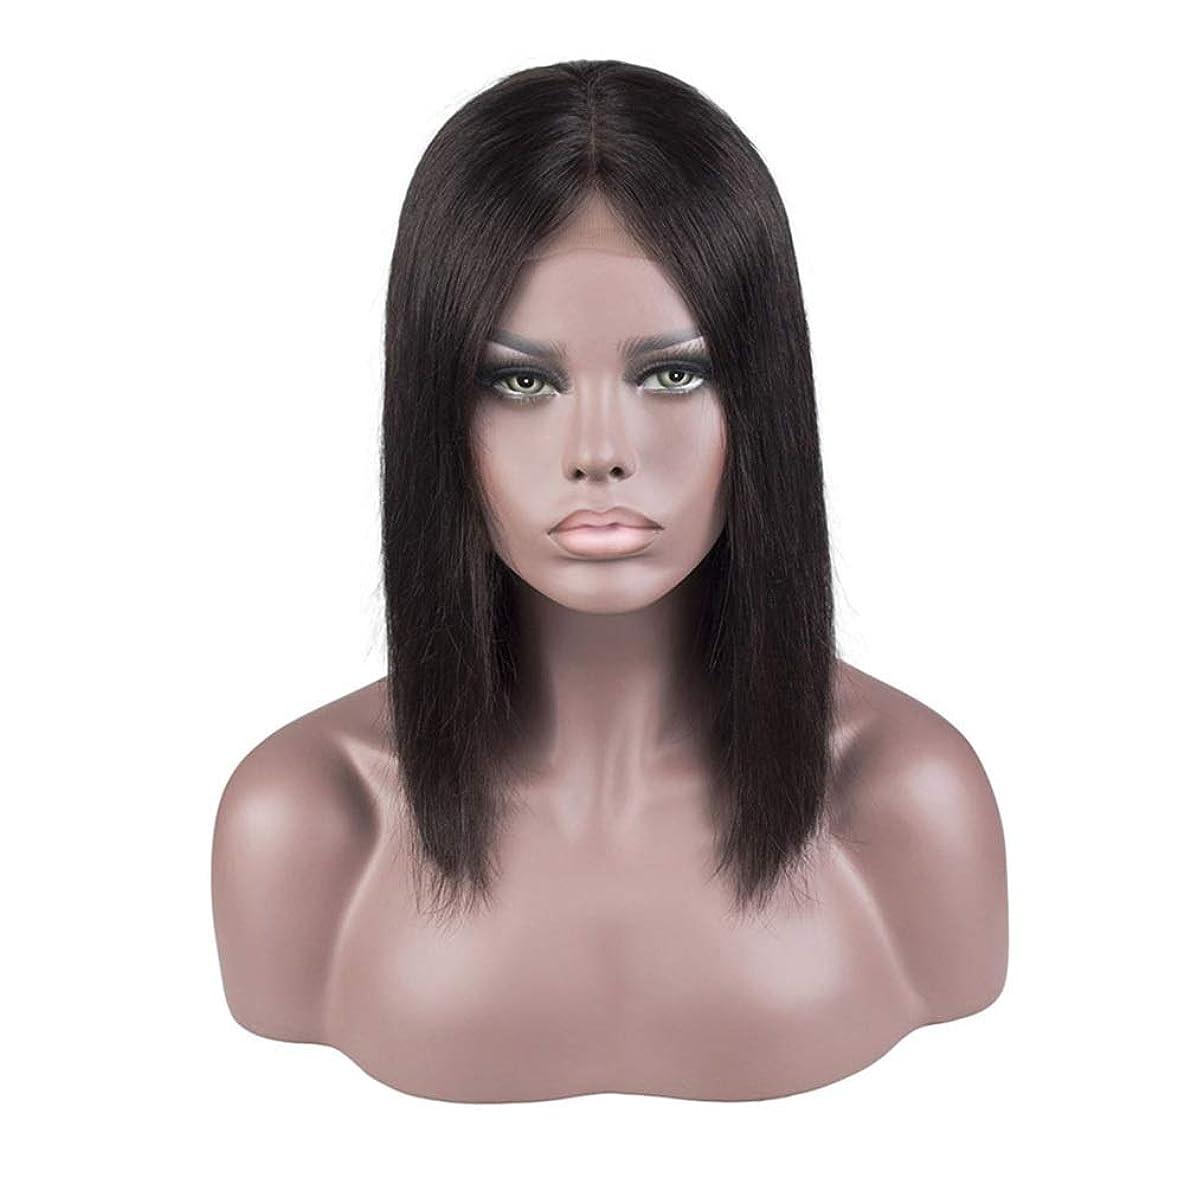 不十分なパノラマネックレットIsikawan レース閉鎖ブラジルバージン人間の髪の毛の閉鎖ナチュラルカラー4×4ディープミドルパートボブストレート (色 : ブラック, サイズ : 10 inch)